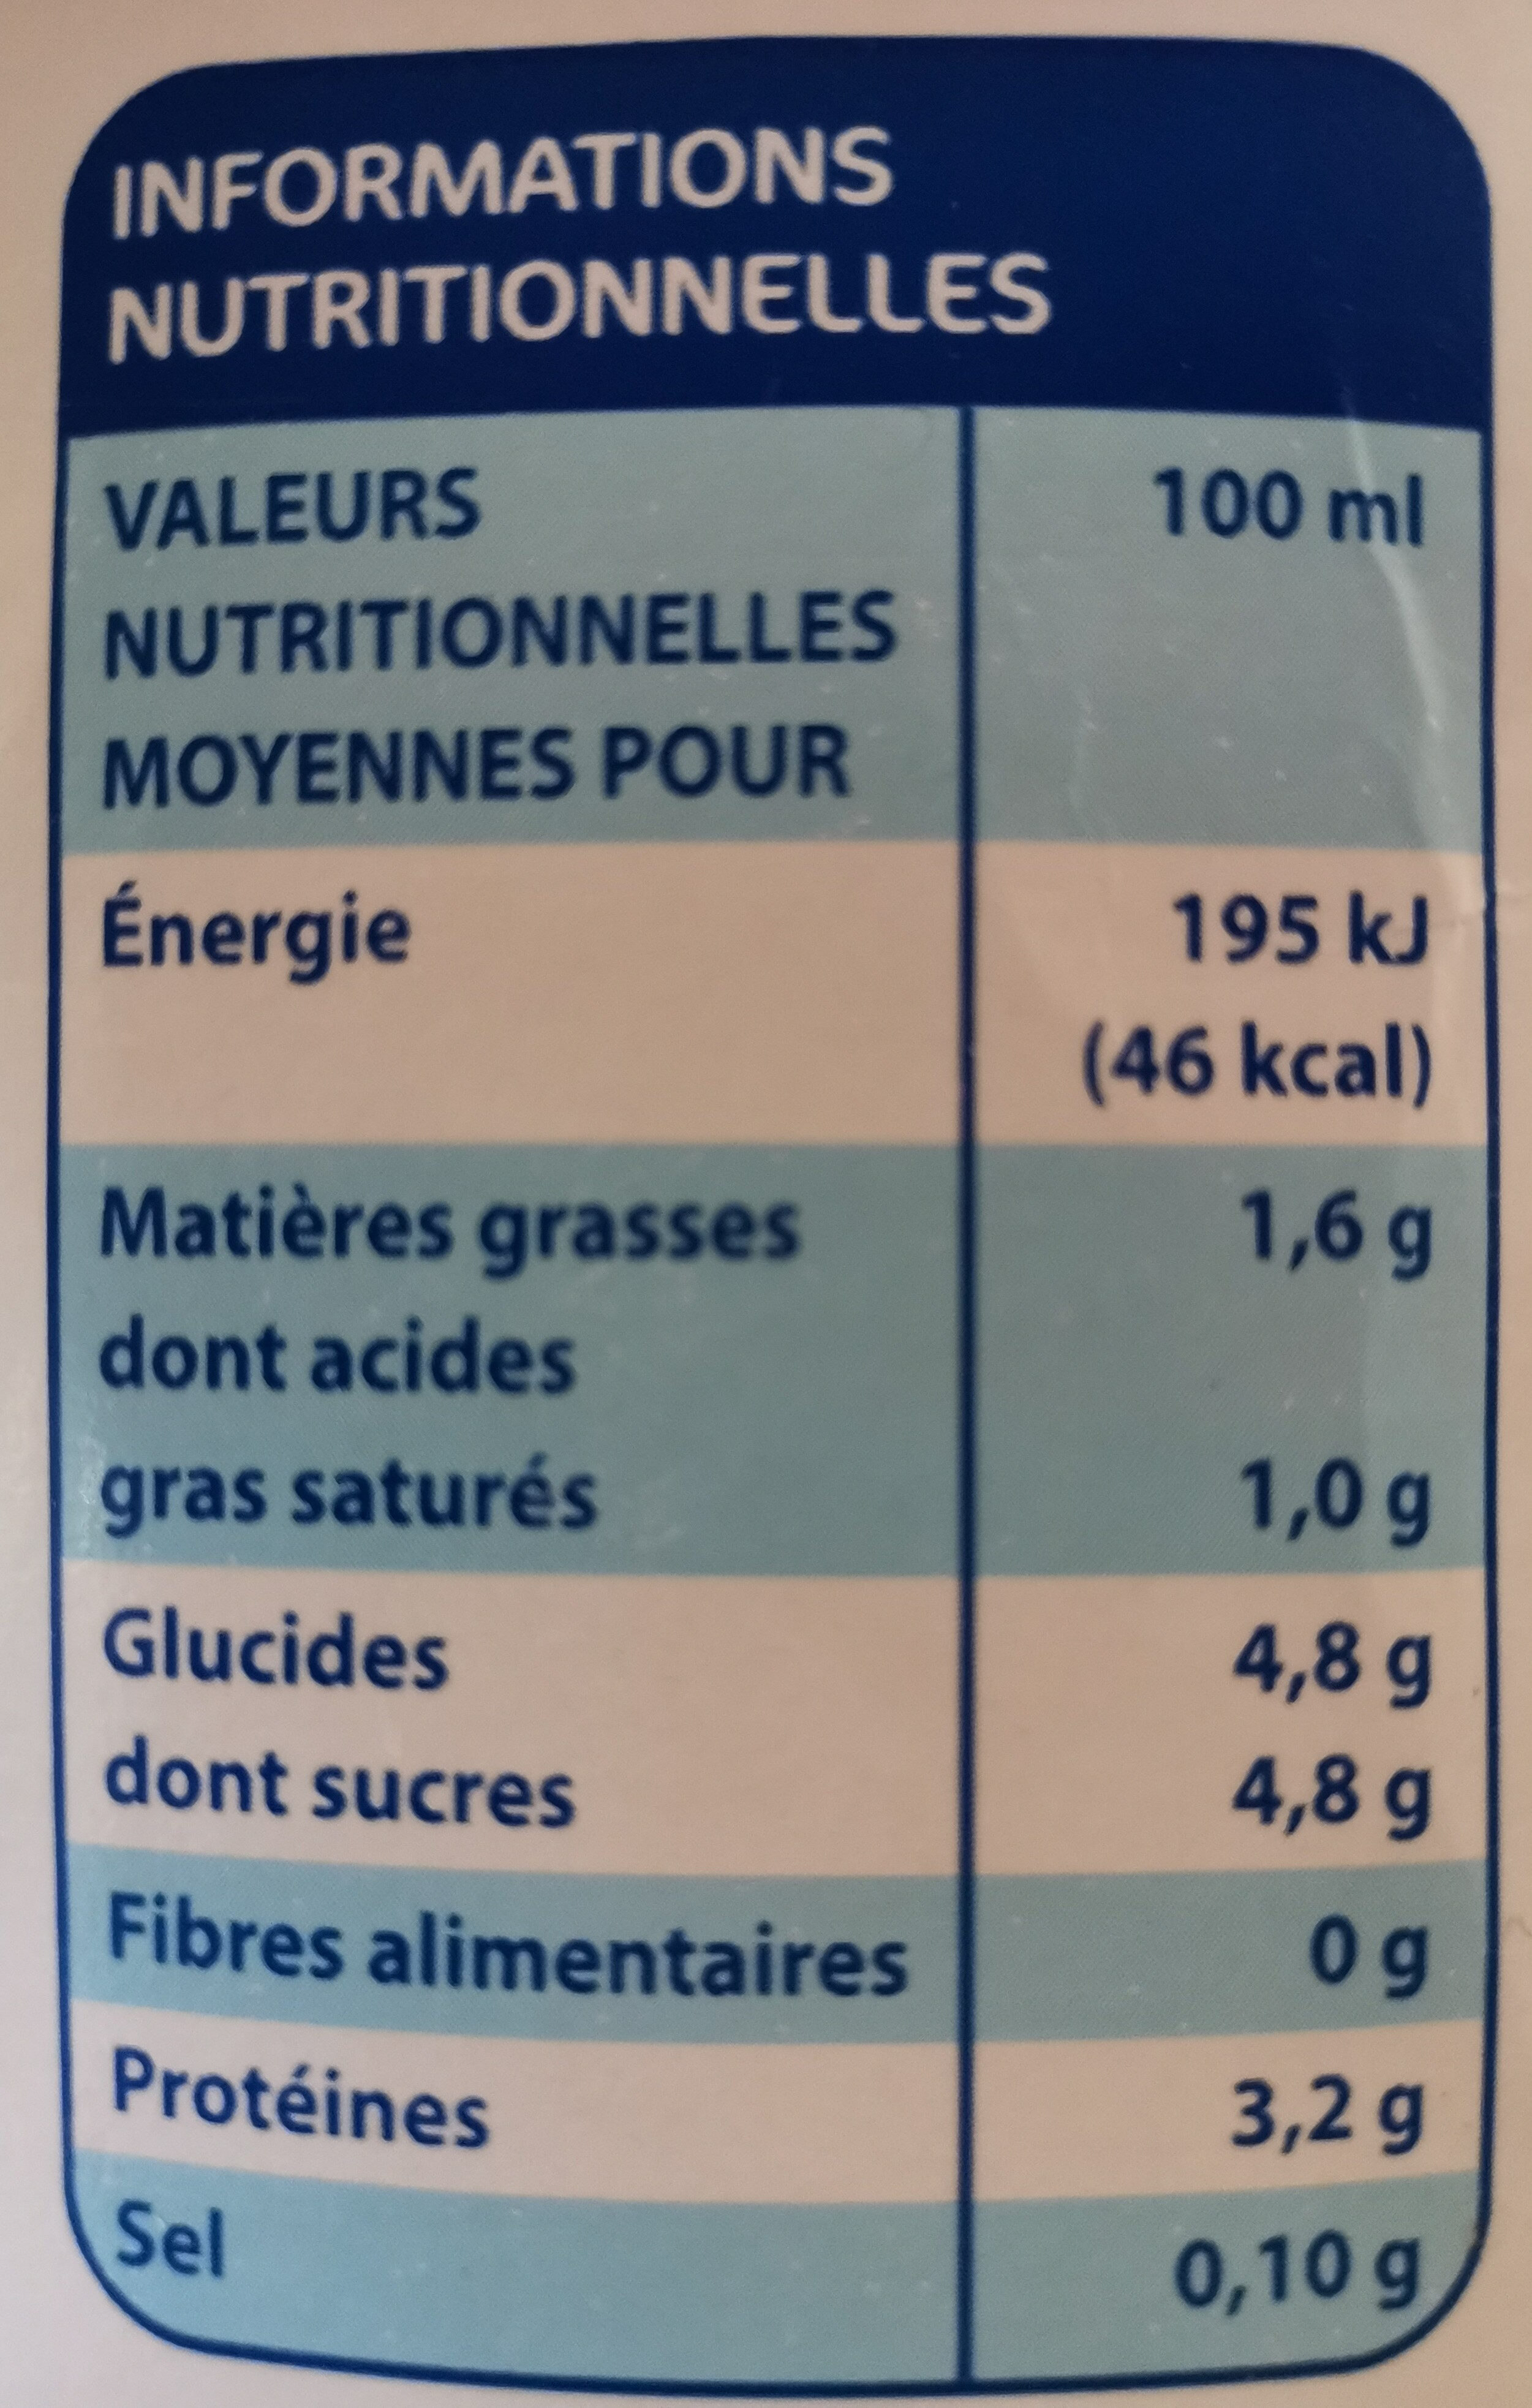 Lait demi-écrémé stérilisé UHT (1,5 % MG) - Voedingswaarden - fr